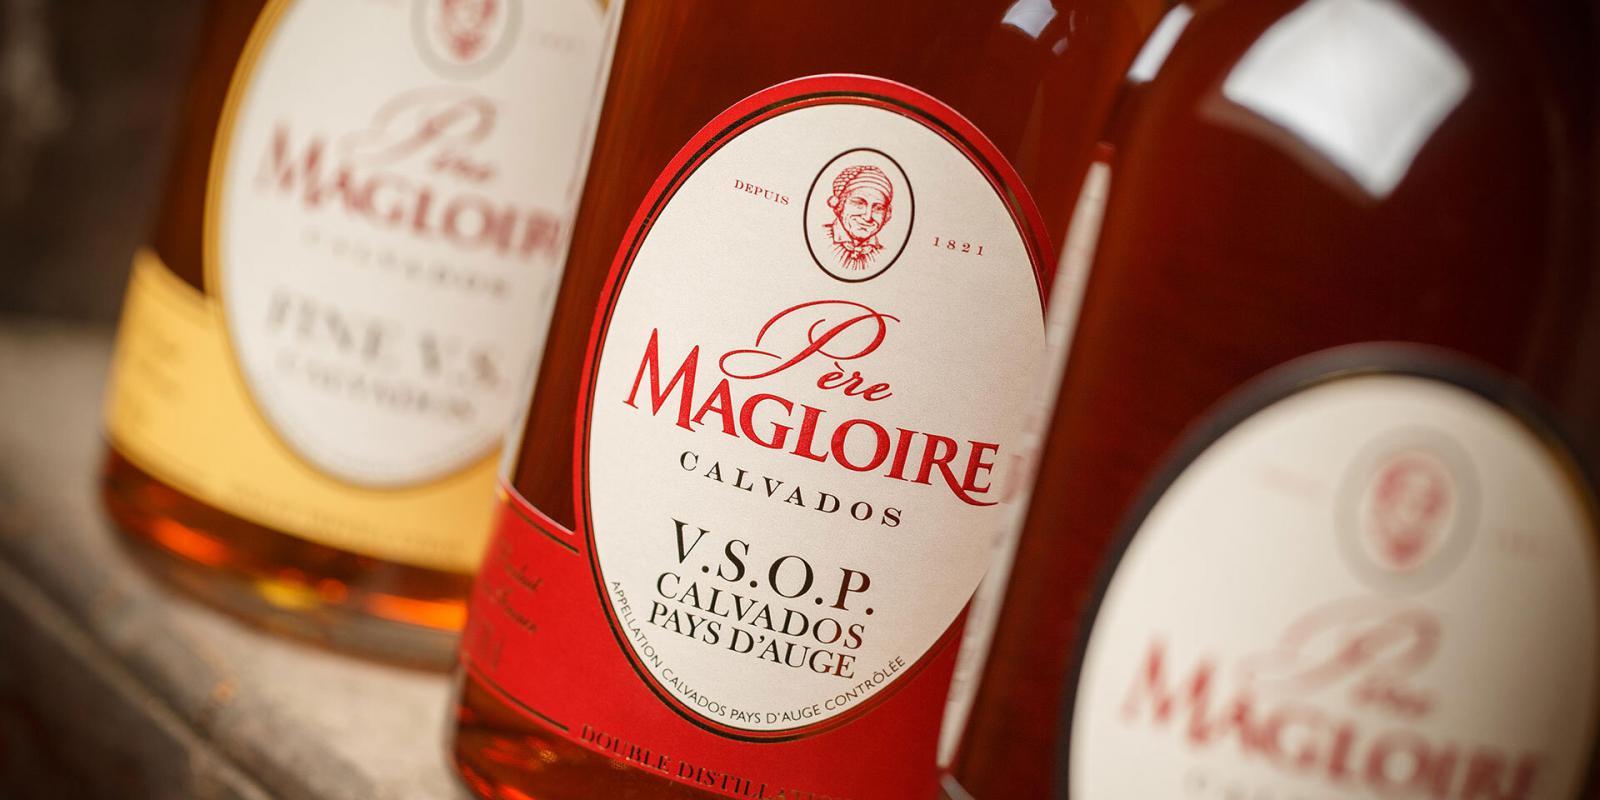 Image décrivant le produit Calvados Père-Magloire v.s.o.p qui fait partie des Digestifs